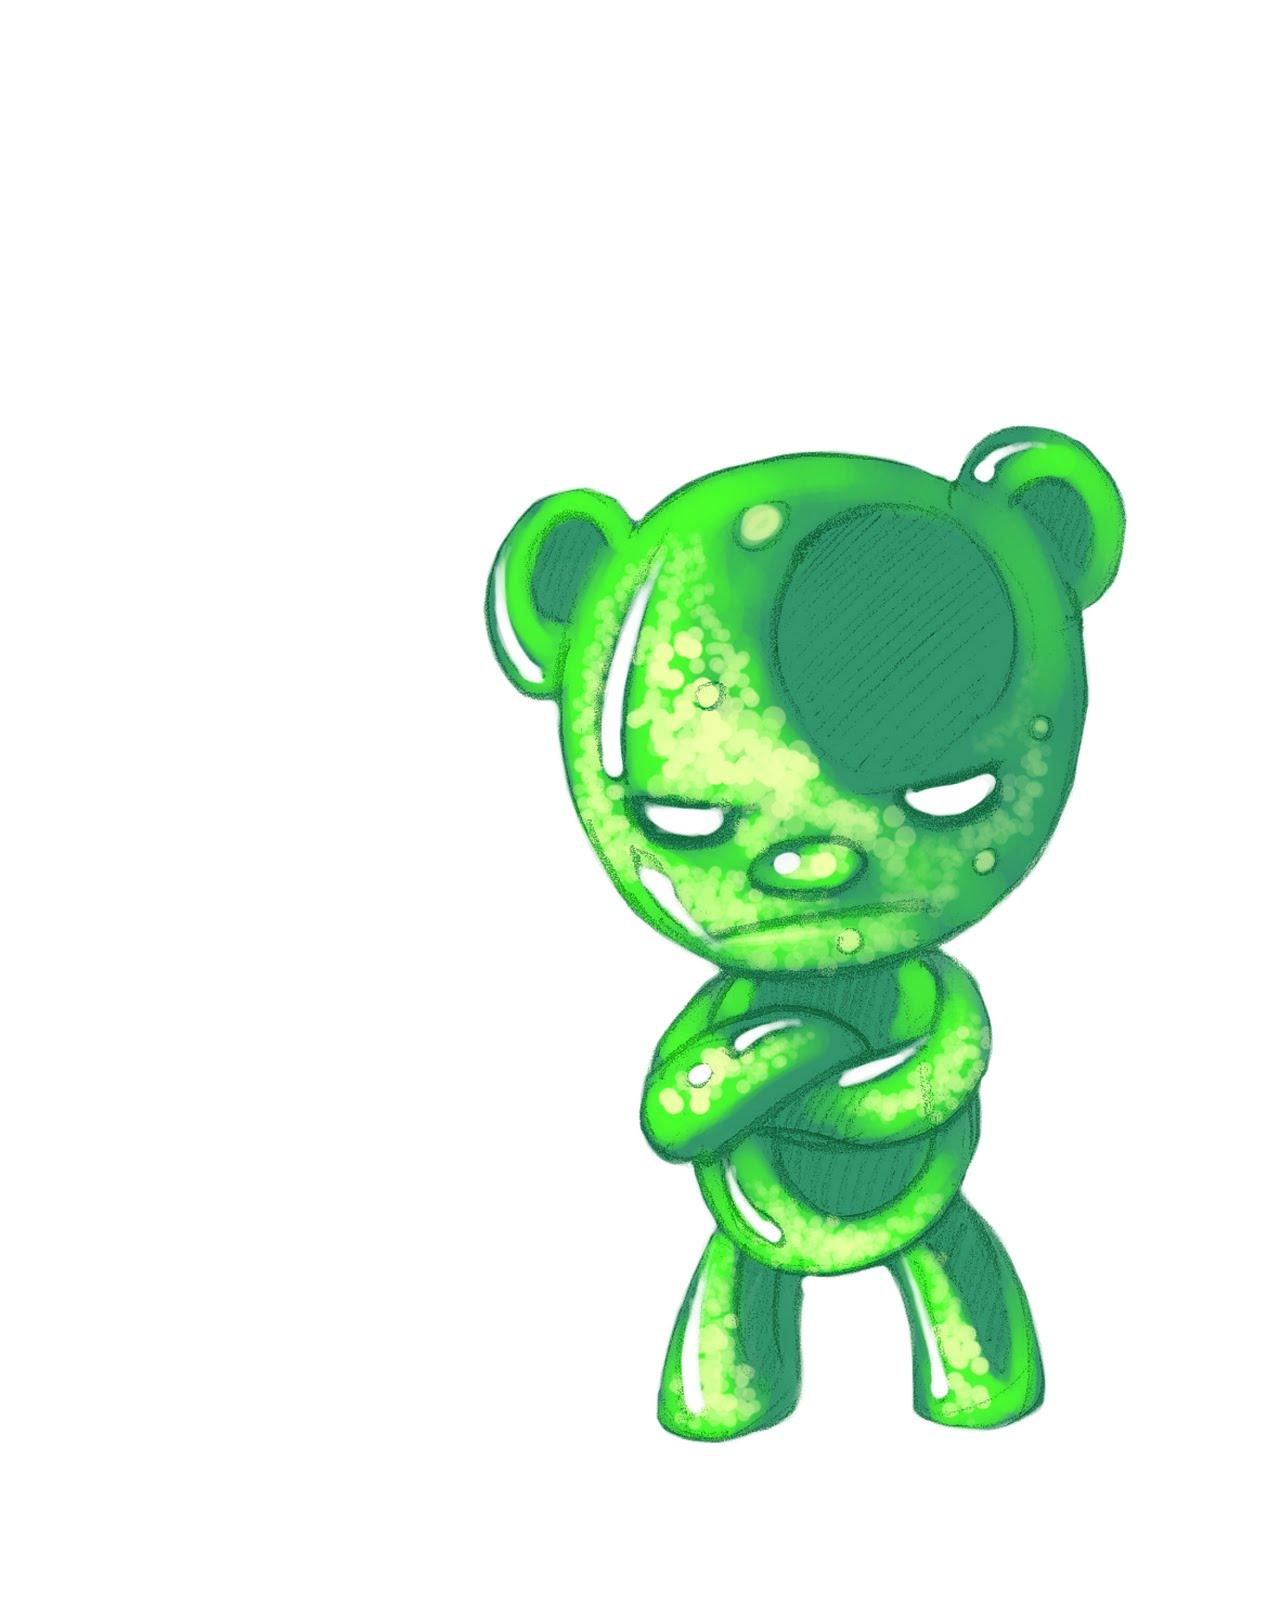 Gummy Bear Cartoon Wallpaper Cartoon Images